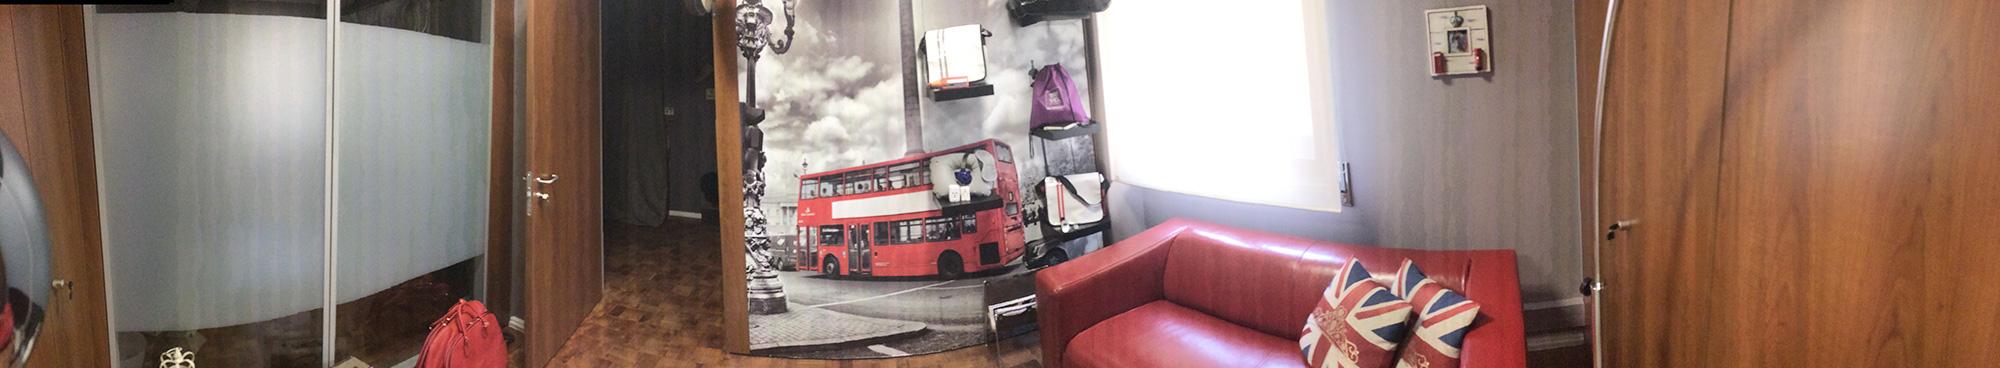 Tryvel - Londres